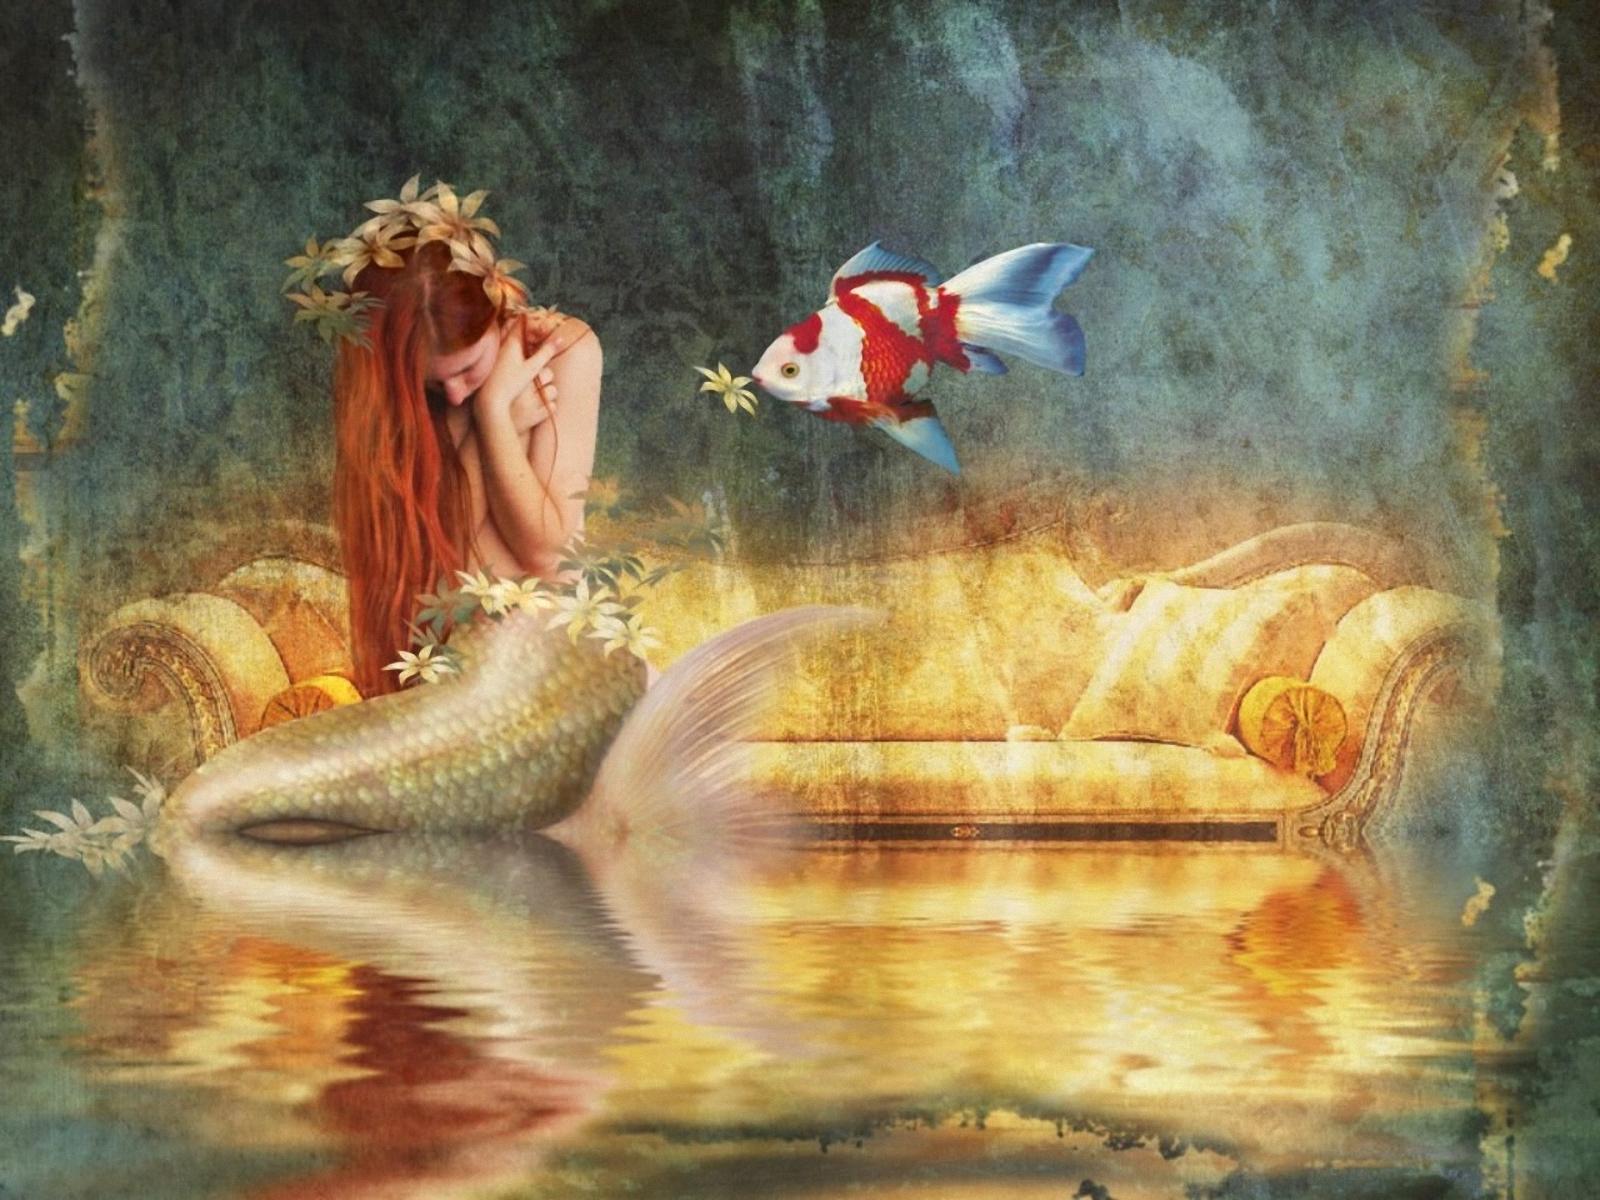 Bienvenidos al nuevo foro de apoyo a Noe #322 / 13.06.16 ~ 23.06.16 - Página 38 Arte_Sirena-imagenes-dibujos-e-ilustraciones-de-sirenas-en-el-mar-fantasticas-fantasy-mermaids